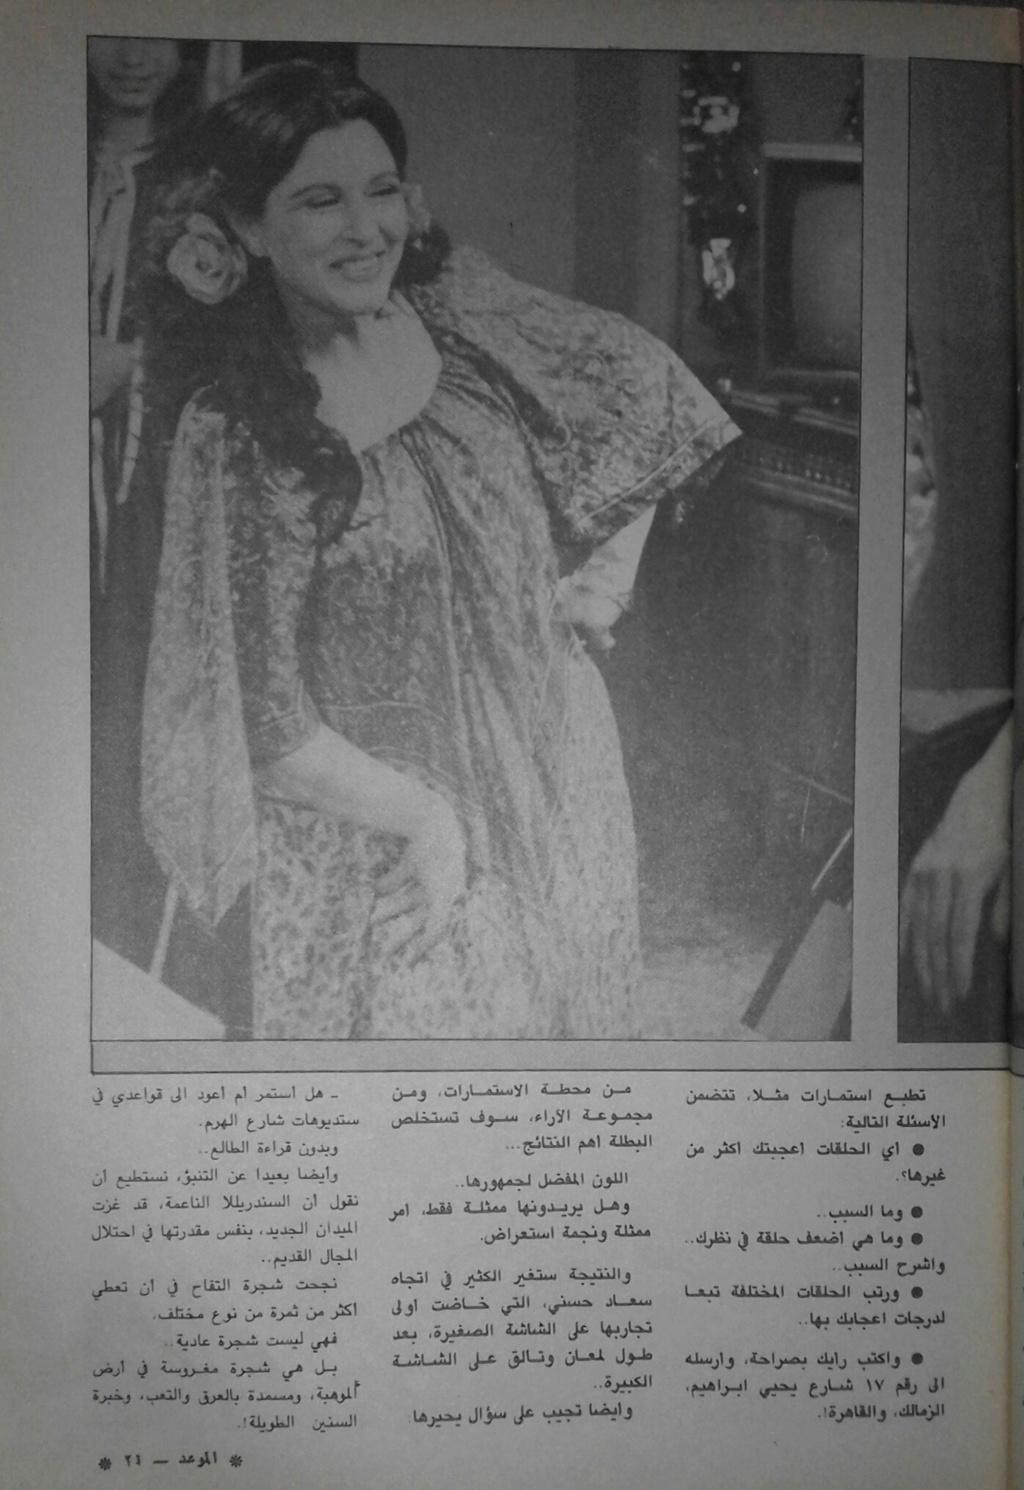 مقال - مقال صحفي : سعاد حسني تجري استفتاء لجمهورها عن حلقات هو وهي 1985 م 41916710